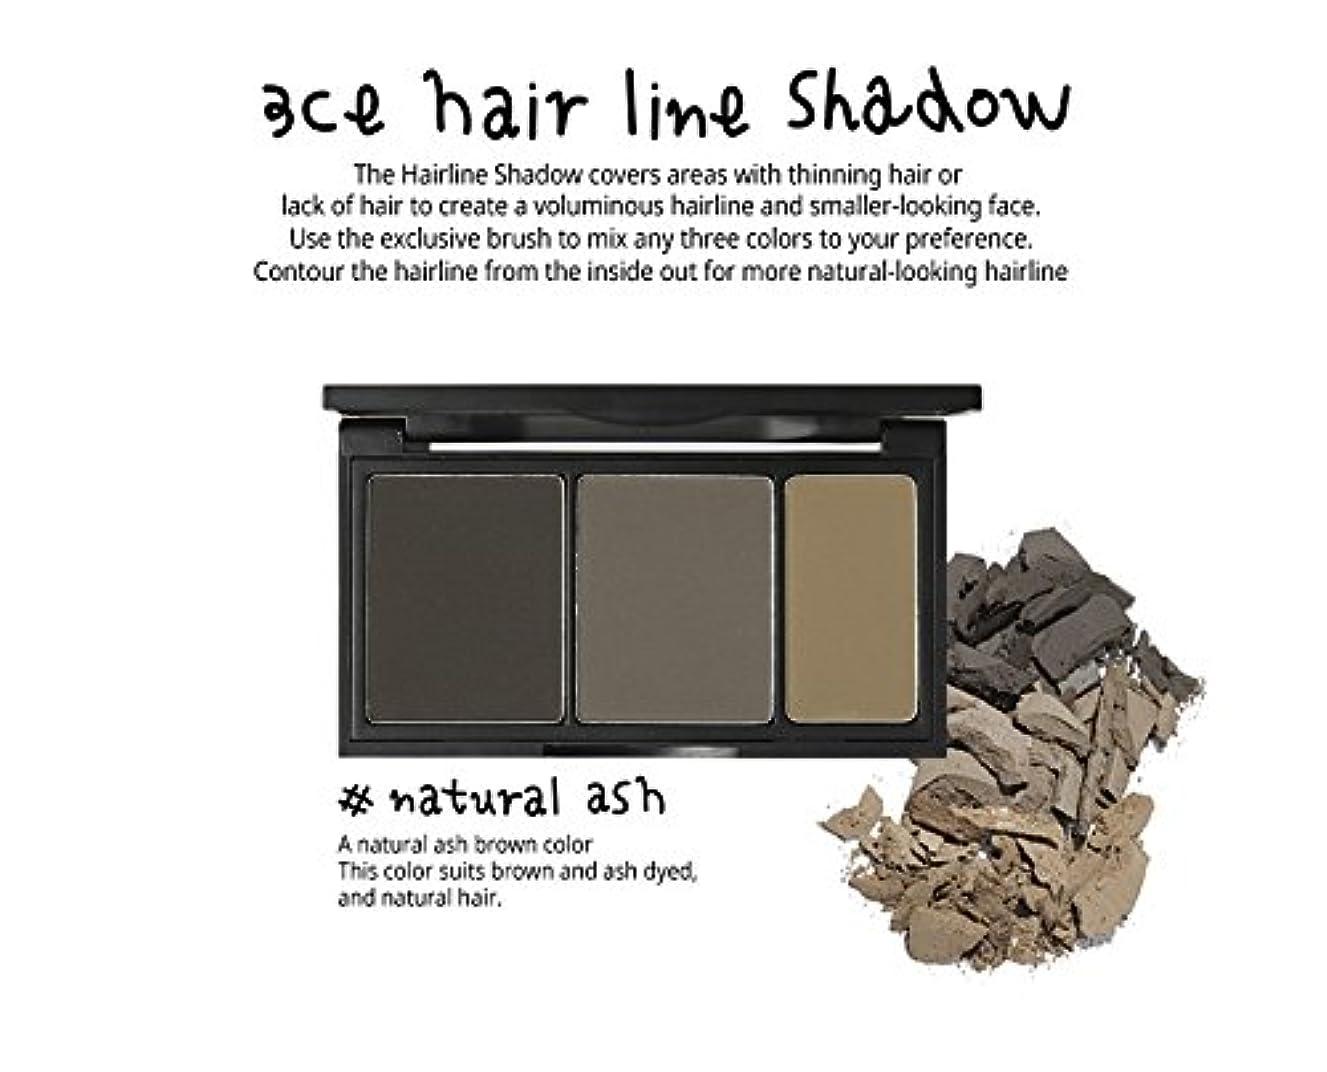 移行するチートレパートリー3 Concept Eyes 3CE Hair Line Shadow ヘアラインシャドー(Natural Ash)